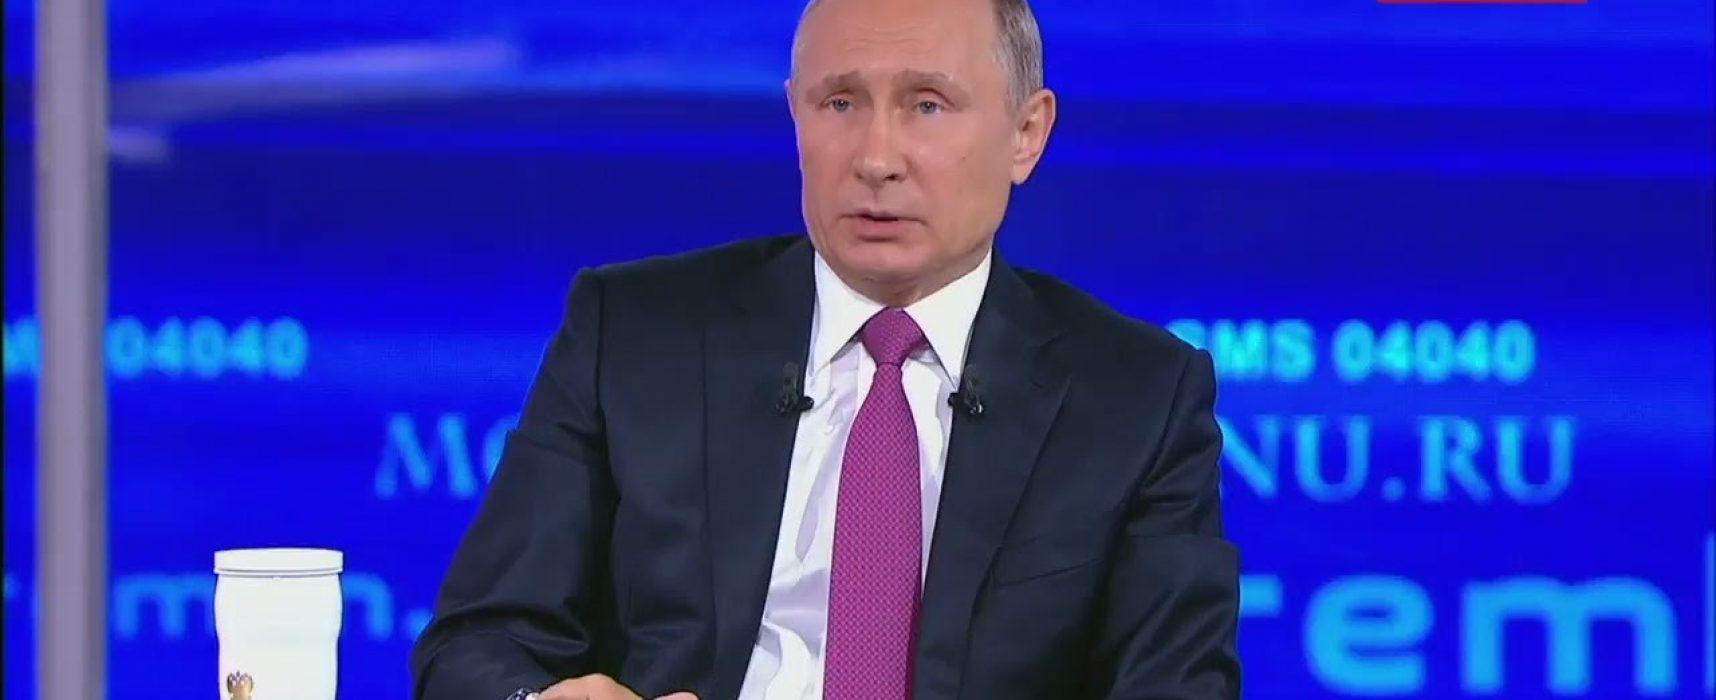 «Голубые мундиры» в Европе и Медведчук-«националист»: что сказал Путин на «Прямой линии» об Украине?